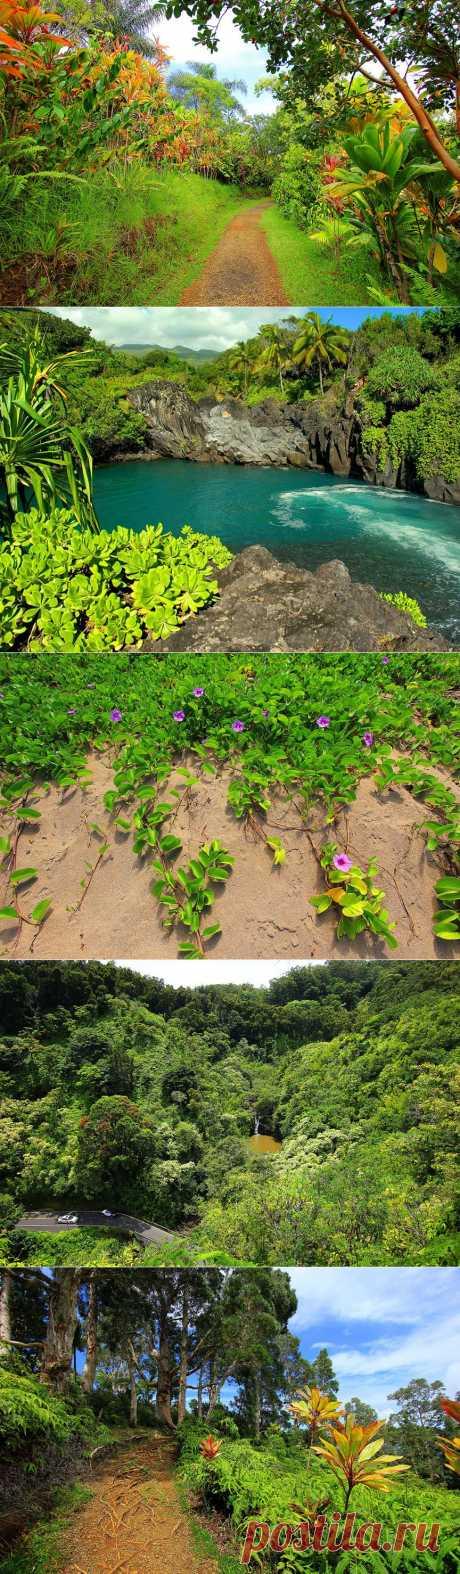 » Потрясающие сады острова Мауи Это интересно!